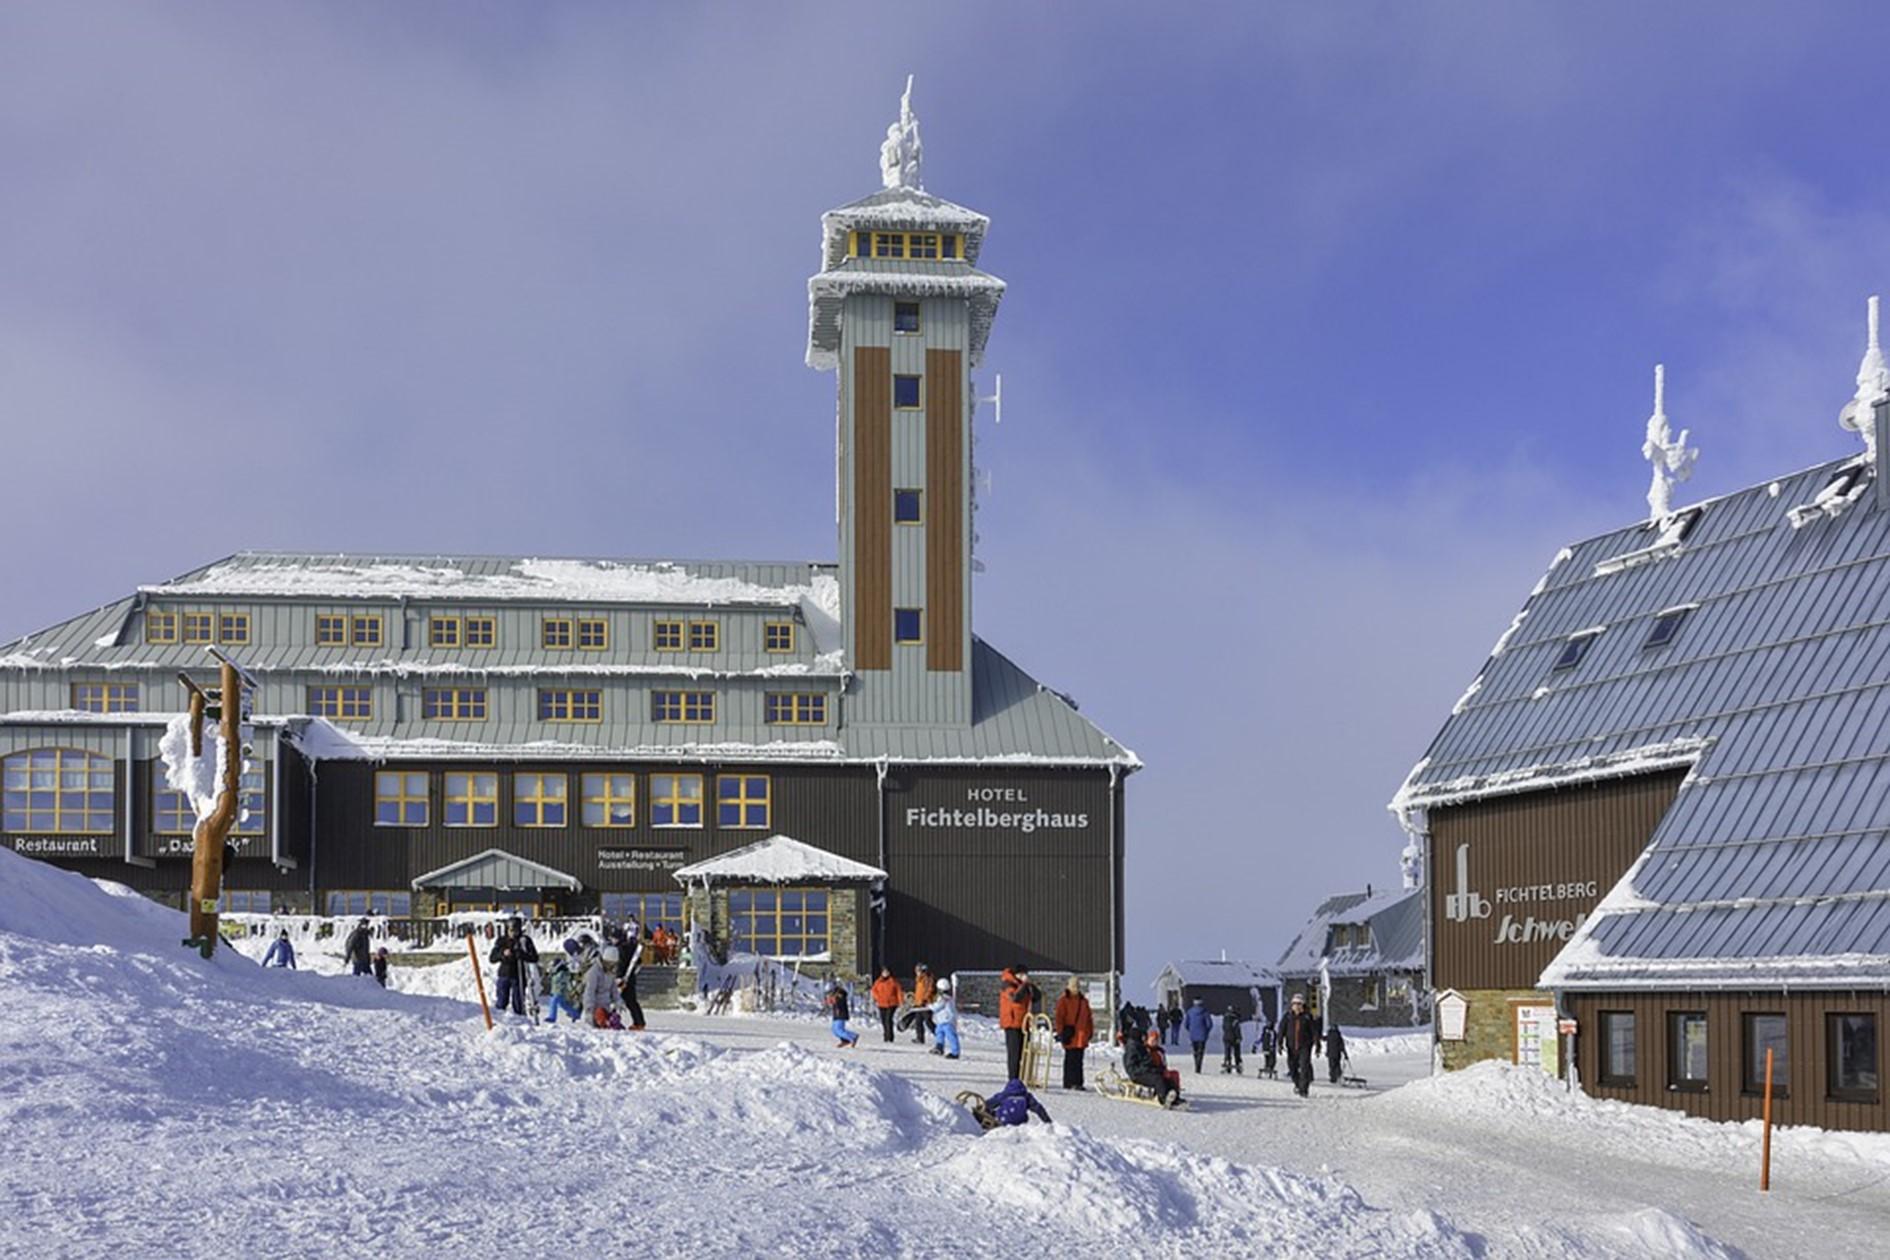 Urlaub in Sachsen, regional reisen, Schnee auf dem Gipfel